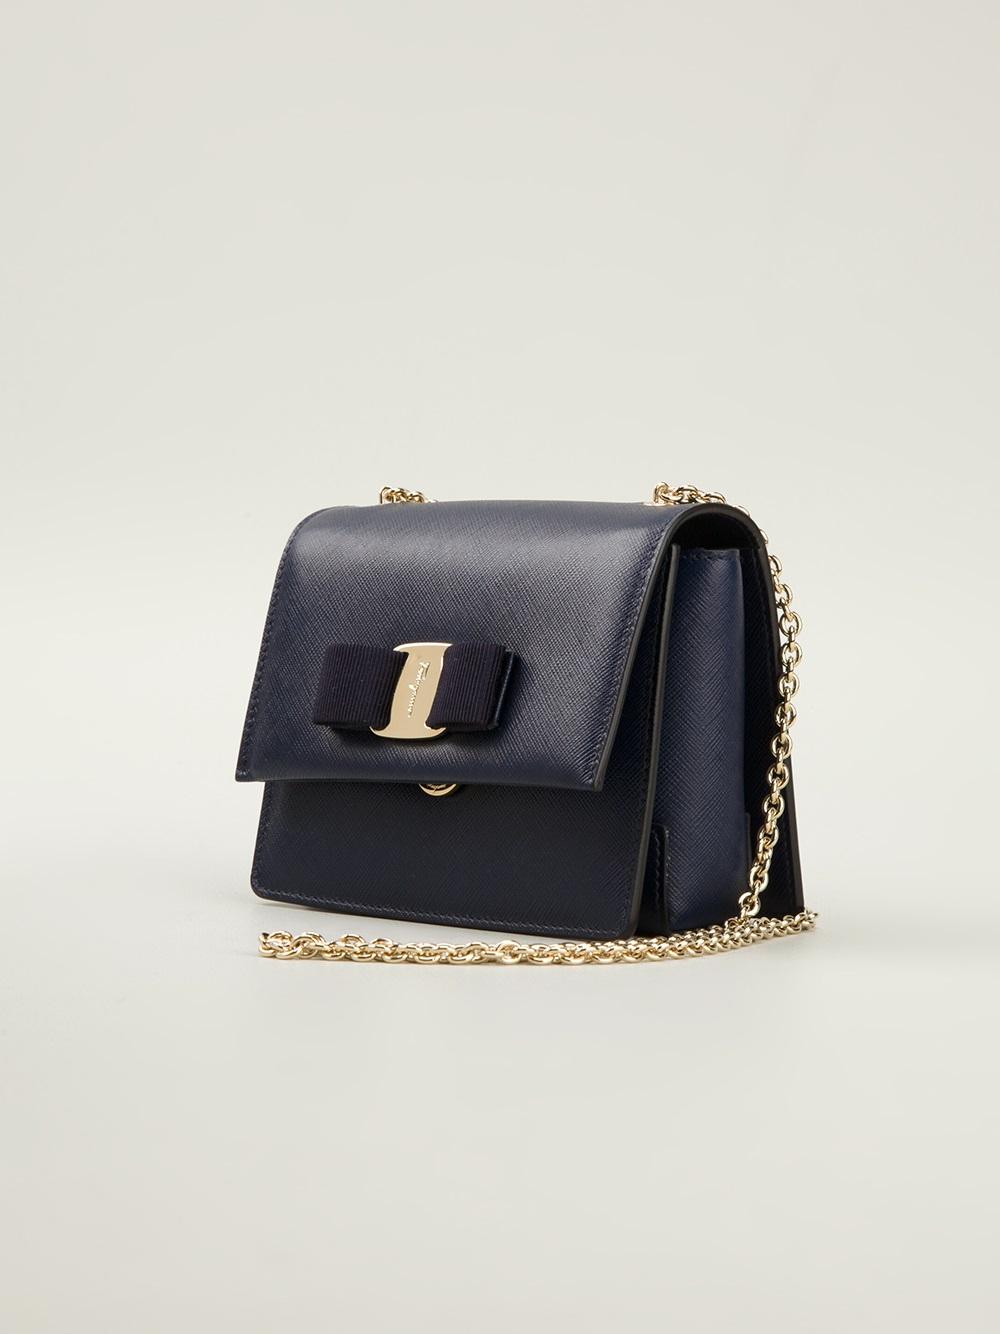 Lyst - Ferragamo Ginny Crossbody Bag in Blue 7a5905d9009b5